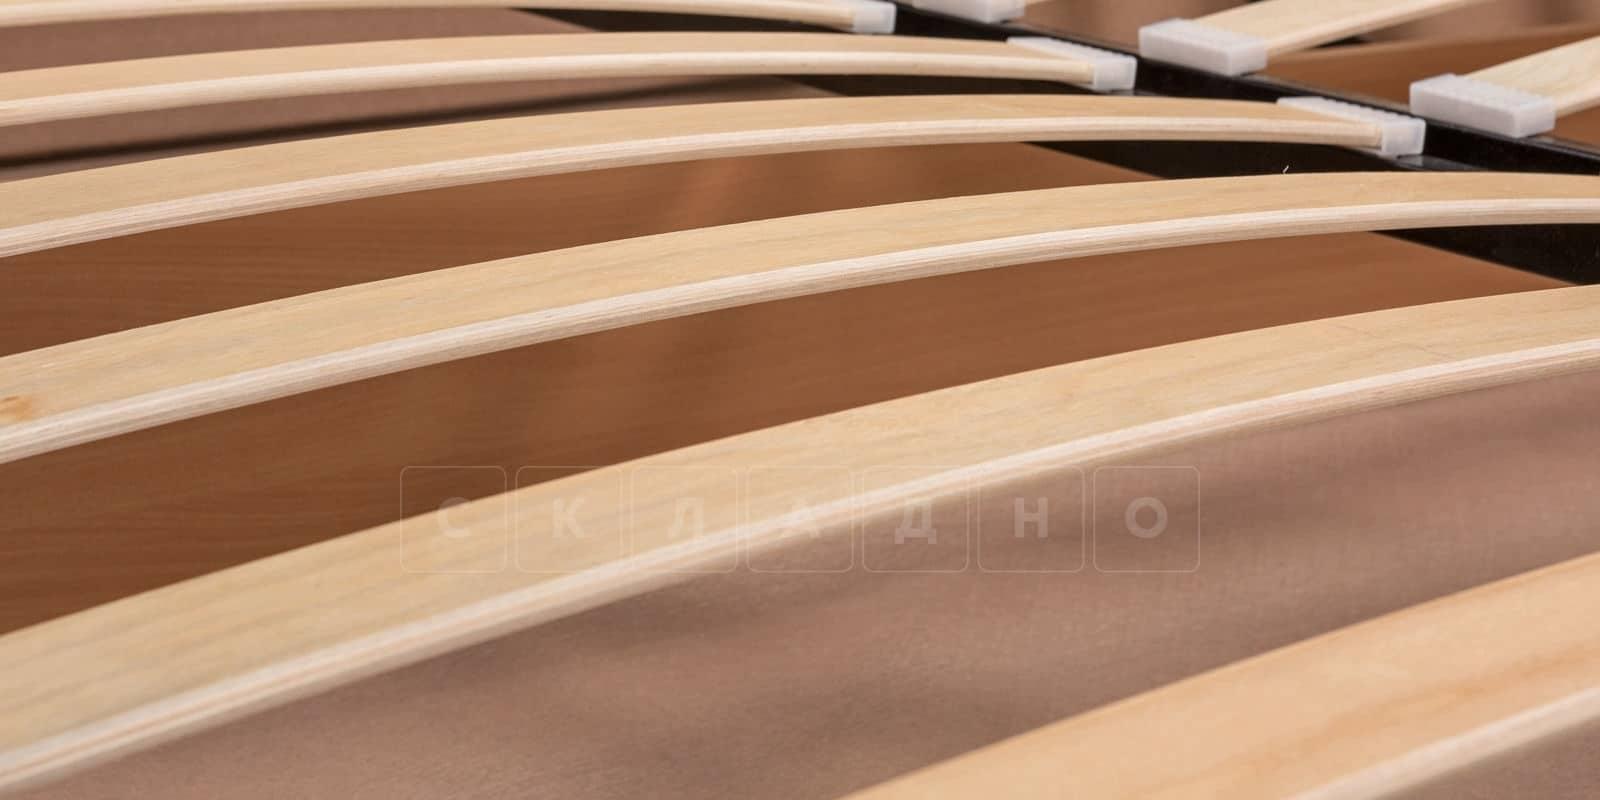 Мягкая кровать Афина 140см экокожа молочного цвета фото 7 | интернет-магазин Складно